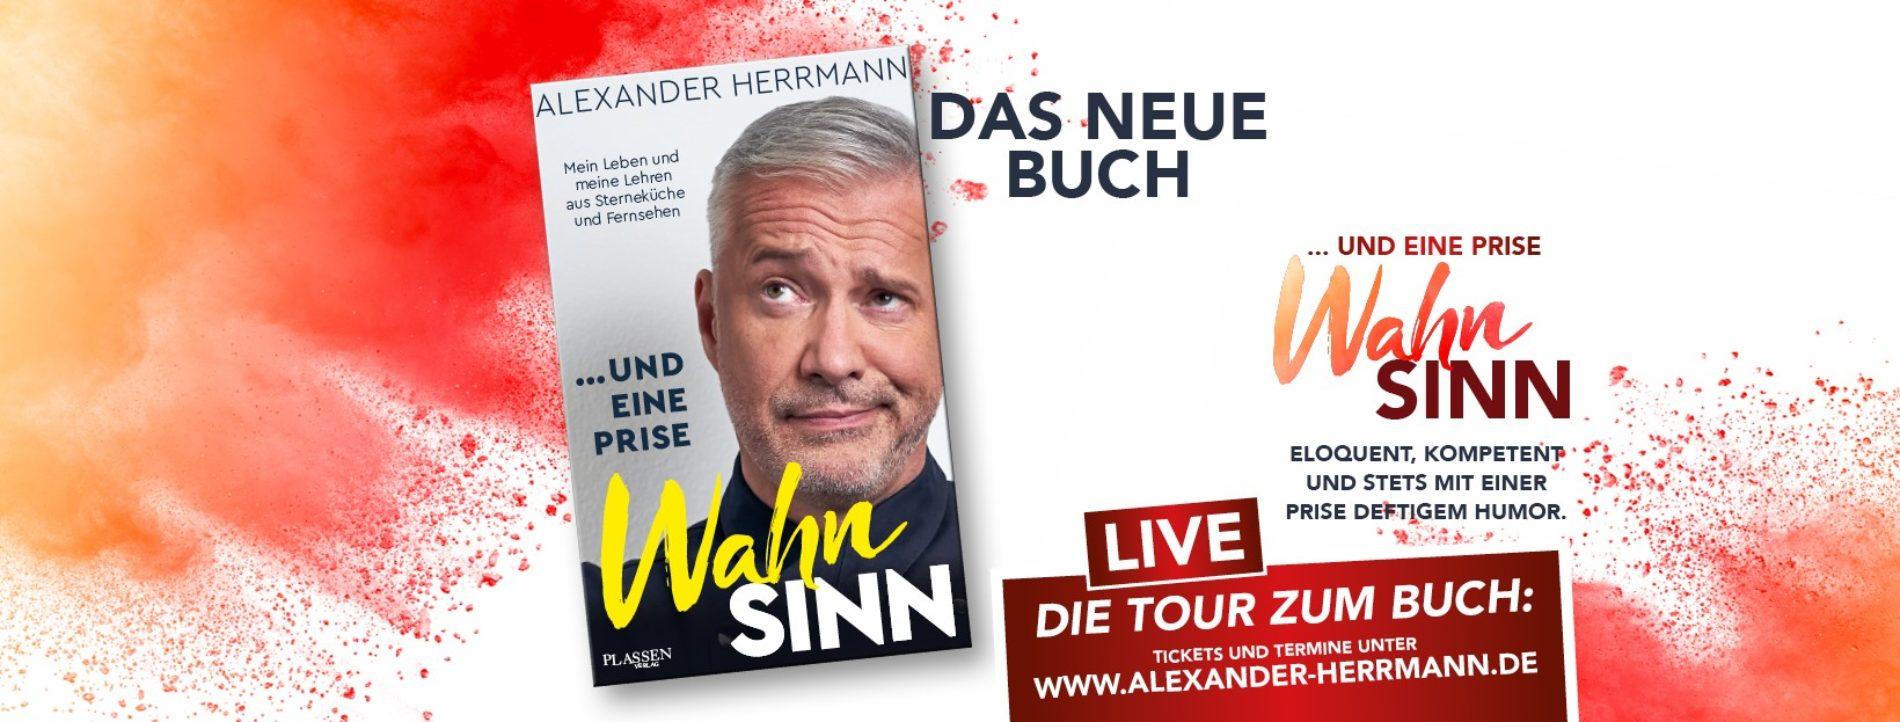 Alexander Herrmann – Live …und eine Prise Wahnsinn